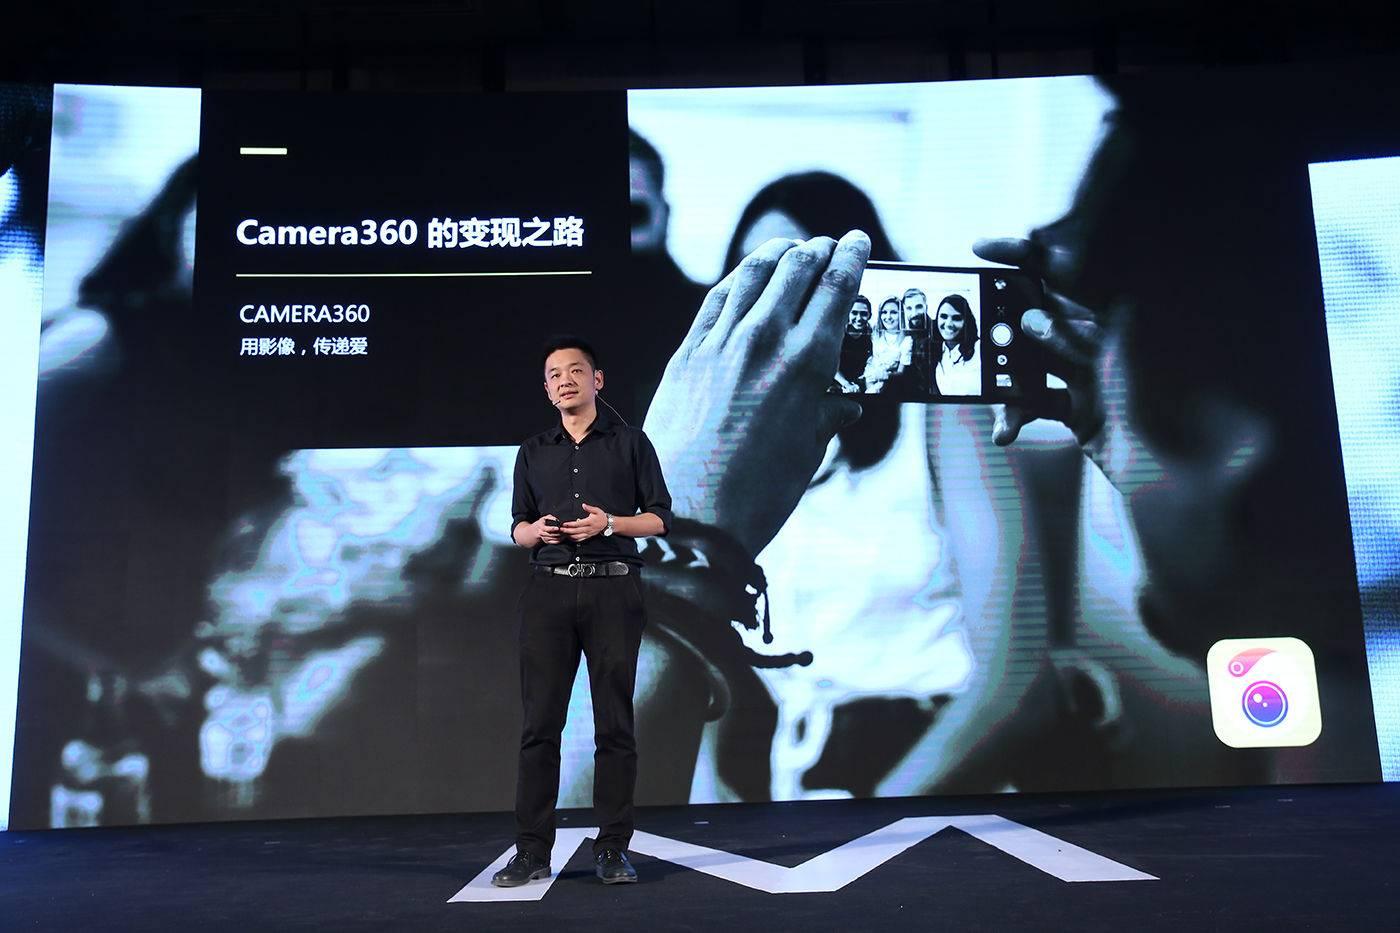 首家使用Mintegral的出海APP领头军Camera360也亮相现场并分享其与Mobvsita团队的变现合作之路.JPG